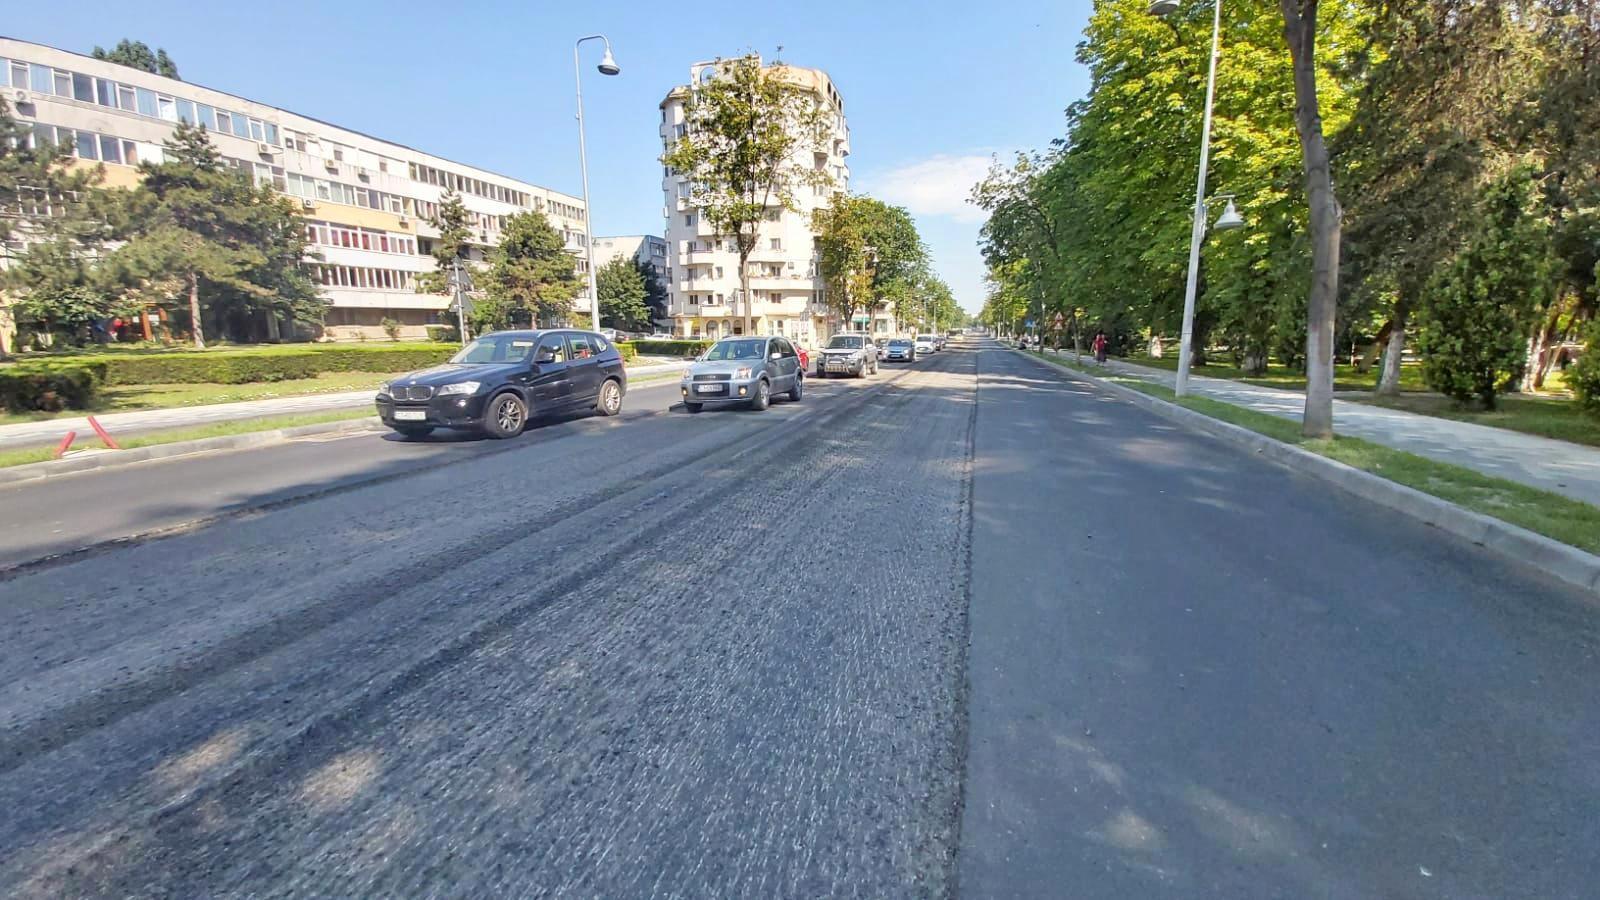 Continuă lucrările de reabilitare a carosabilului pe bulevardul Tomis din Constanța